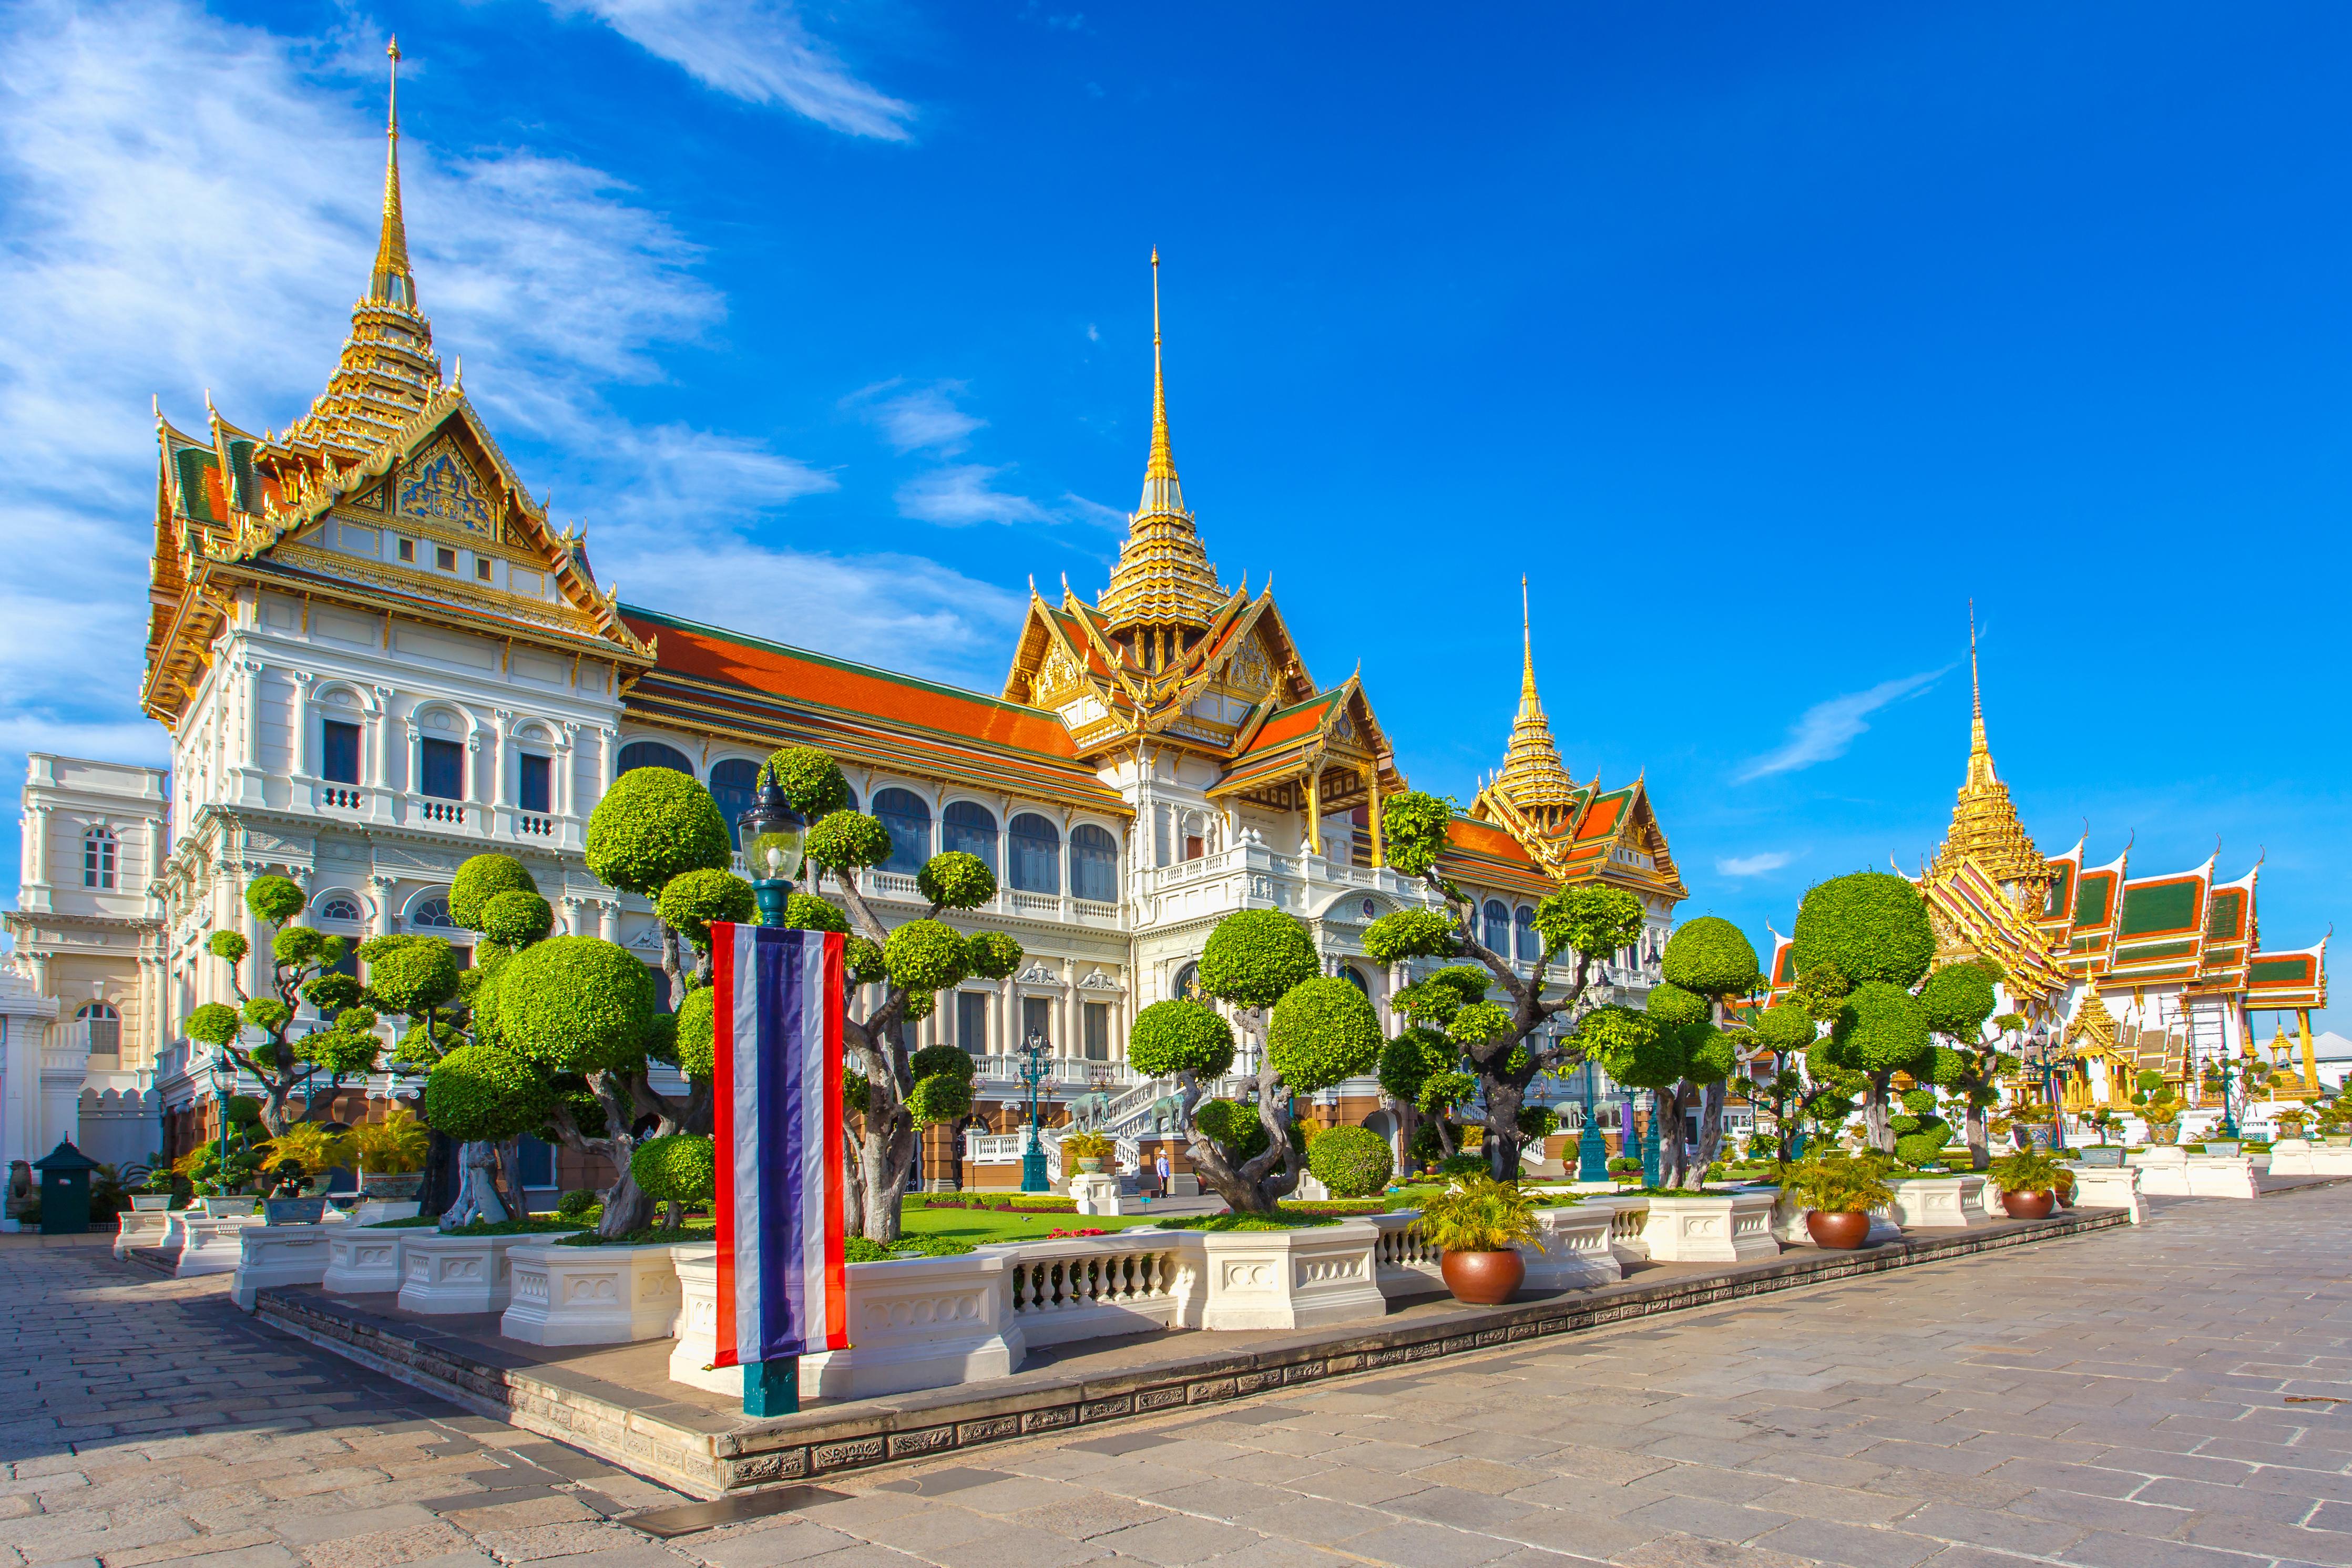 Un imprescindible: el Palacio Real de Bangkok - Tailandia Gran Viaje Alrededor de Tailandia